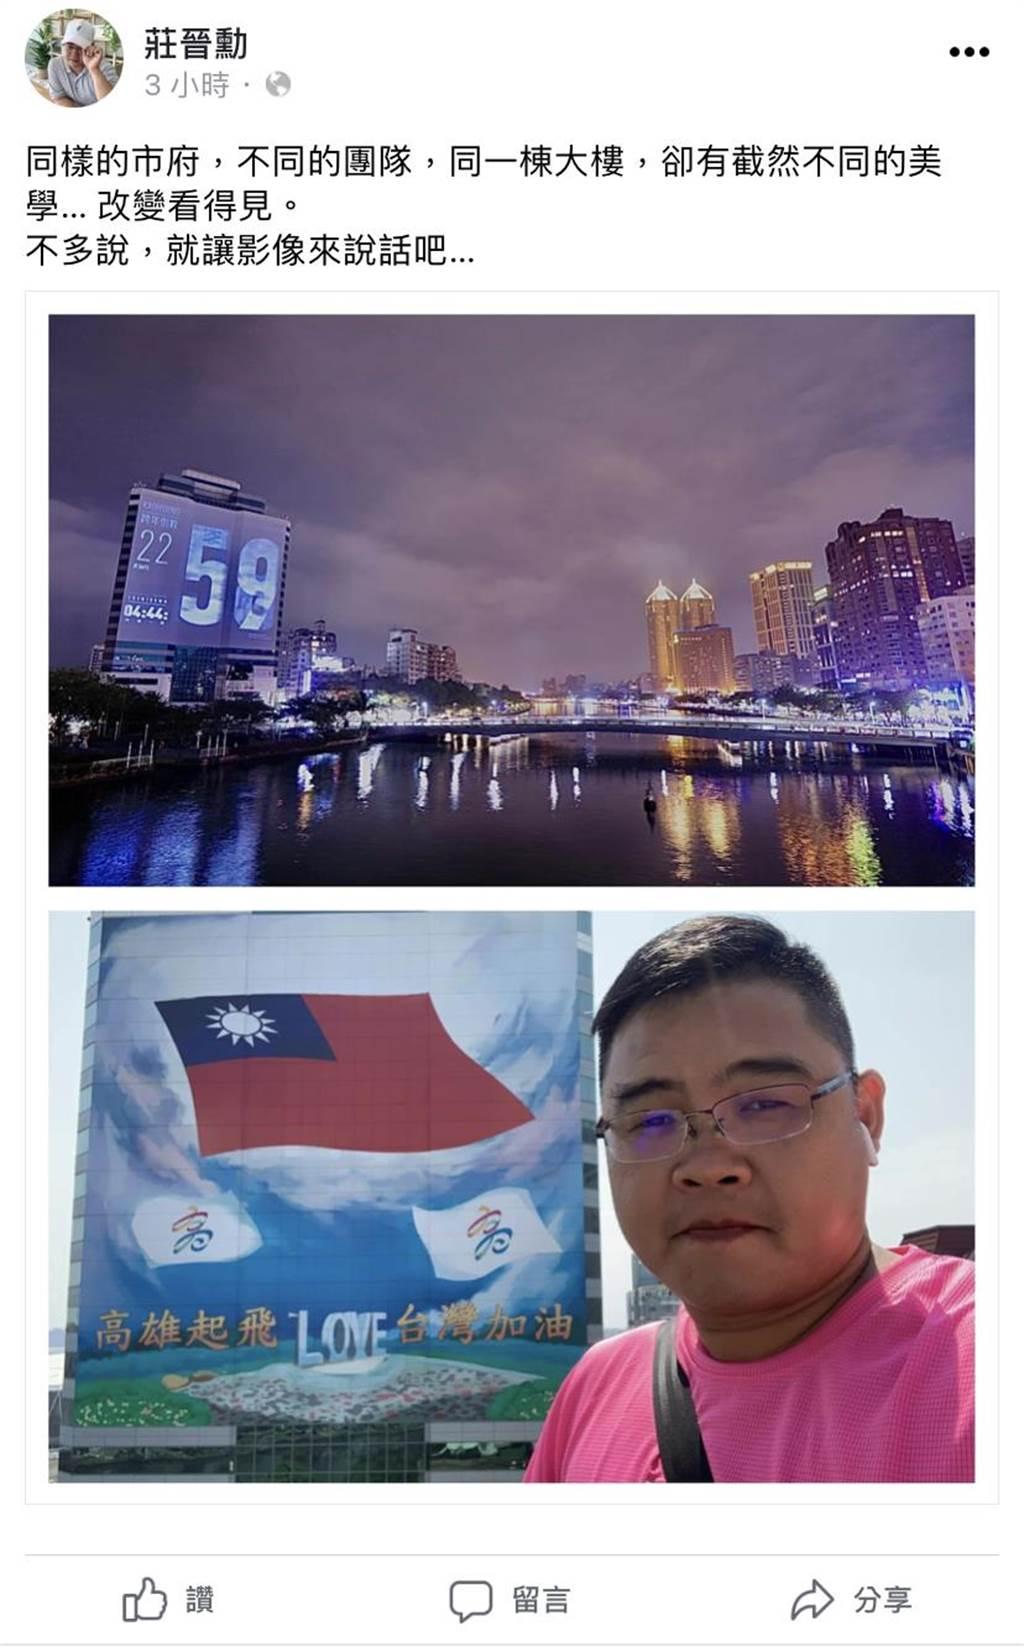 力挺罷韓的里長莊晉勳搶先在臉書發文,貼出同棟大樓跨年投影與國旗看板對比照,感嘆市府「有截然不同的美學」。(翻攝自莊晉勳臉書)